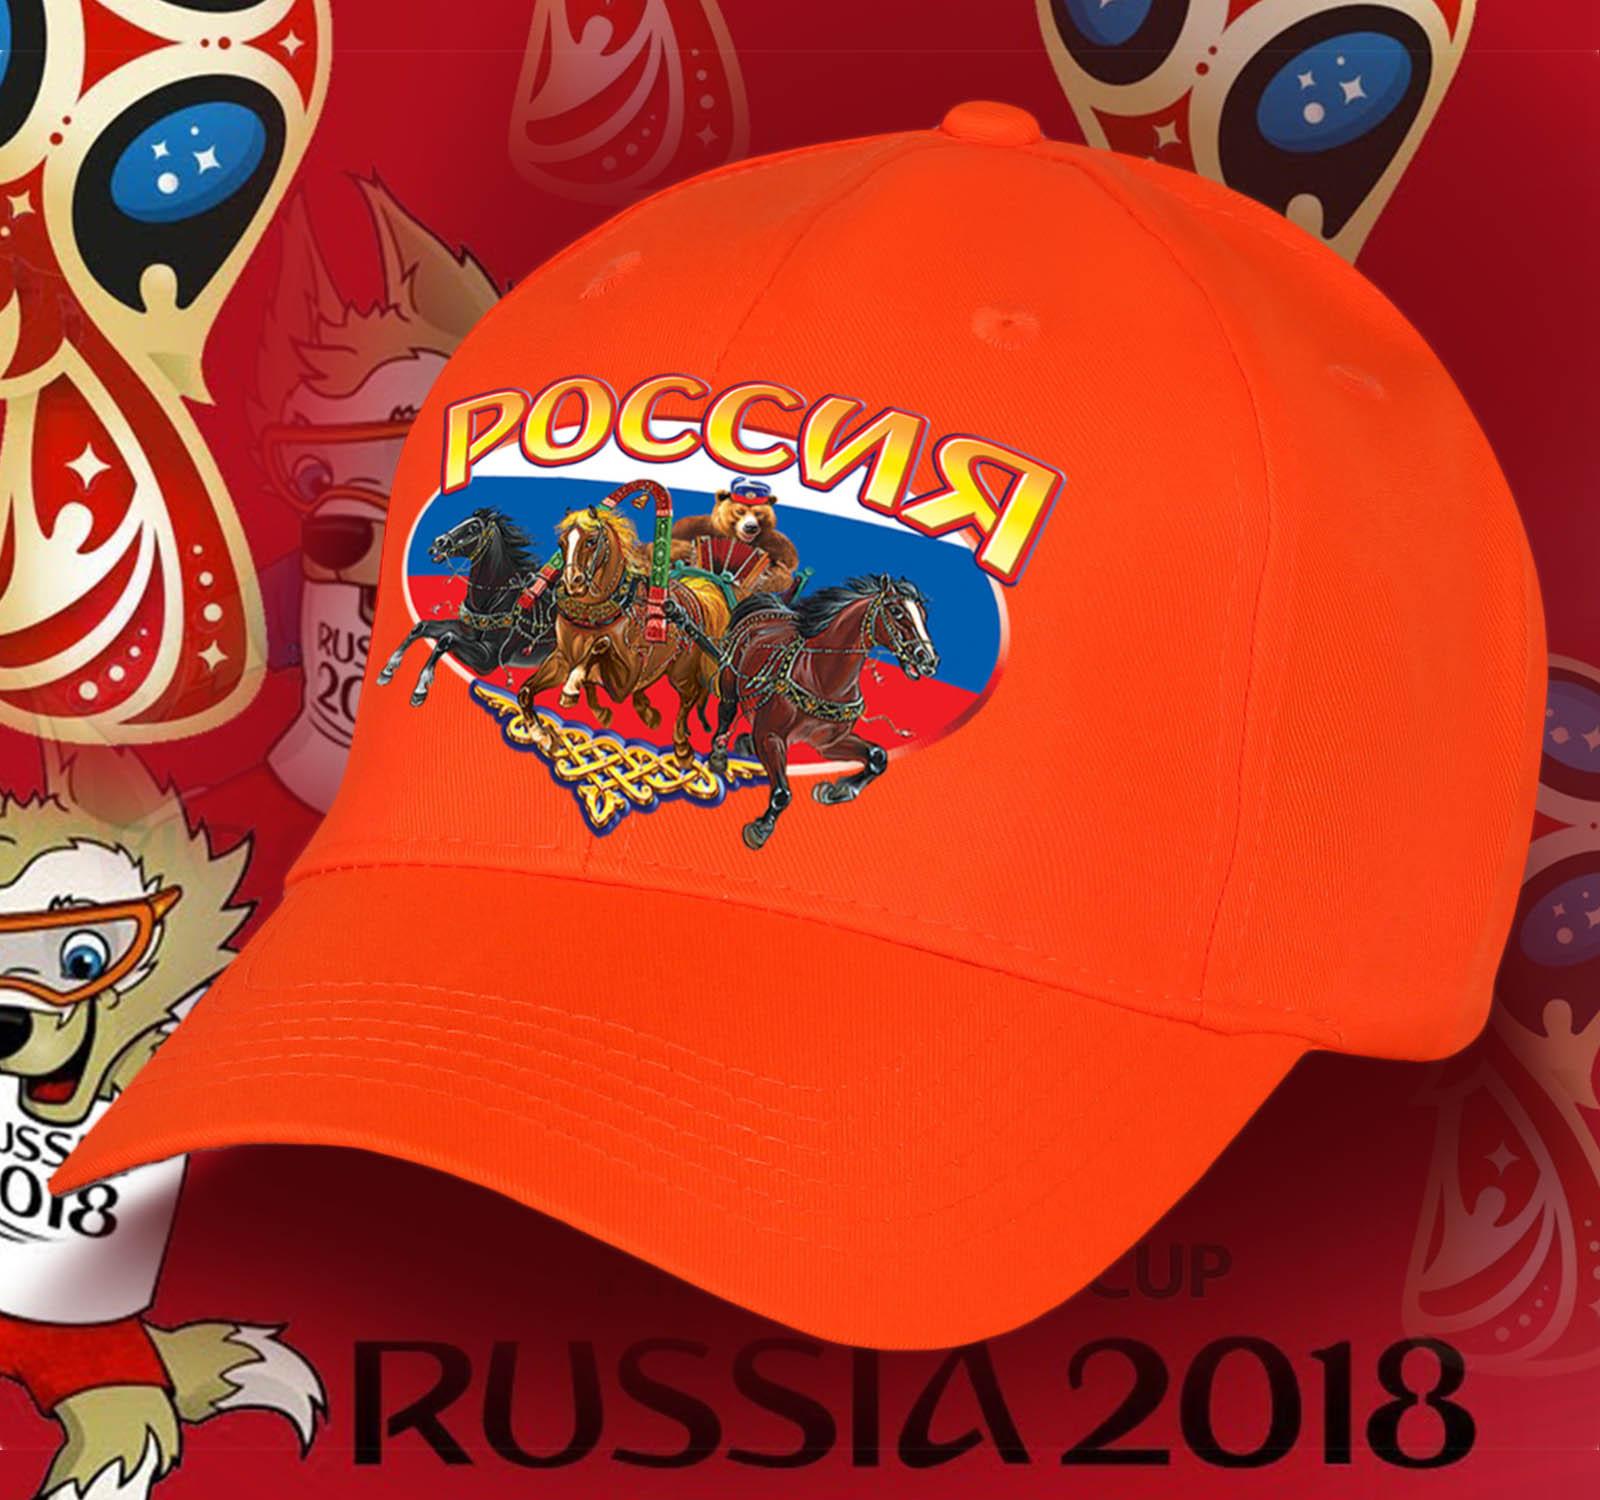 Для патриотов и болельщиков - яркая красочная бейсболка с принтом от дизайнеров Военпро «Россия» по самой приемлемой цене. Торопитесь приобрести!